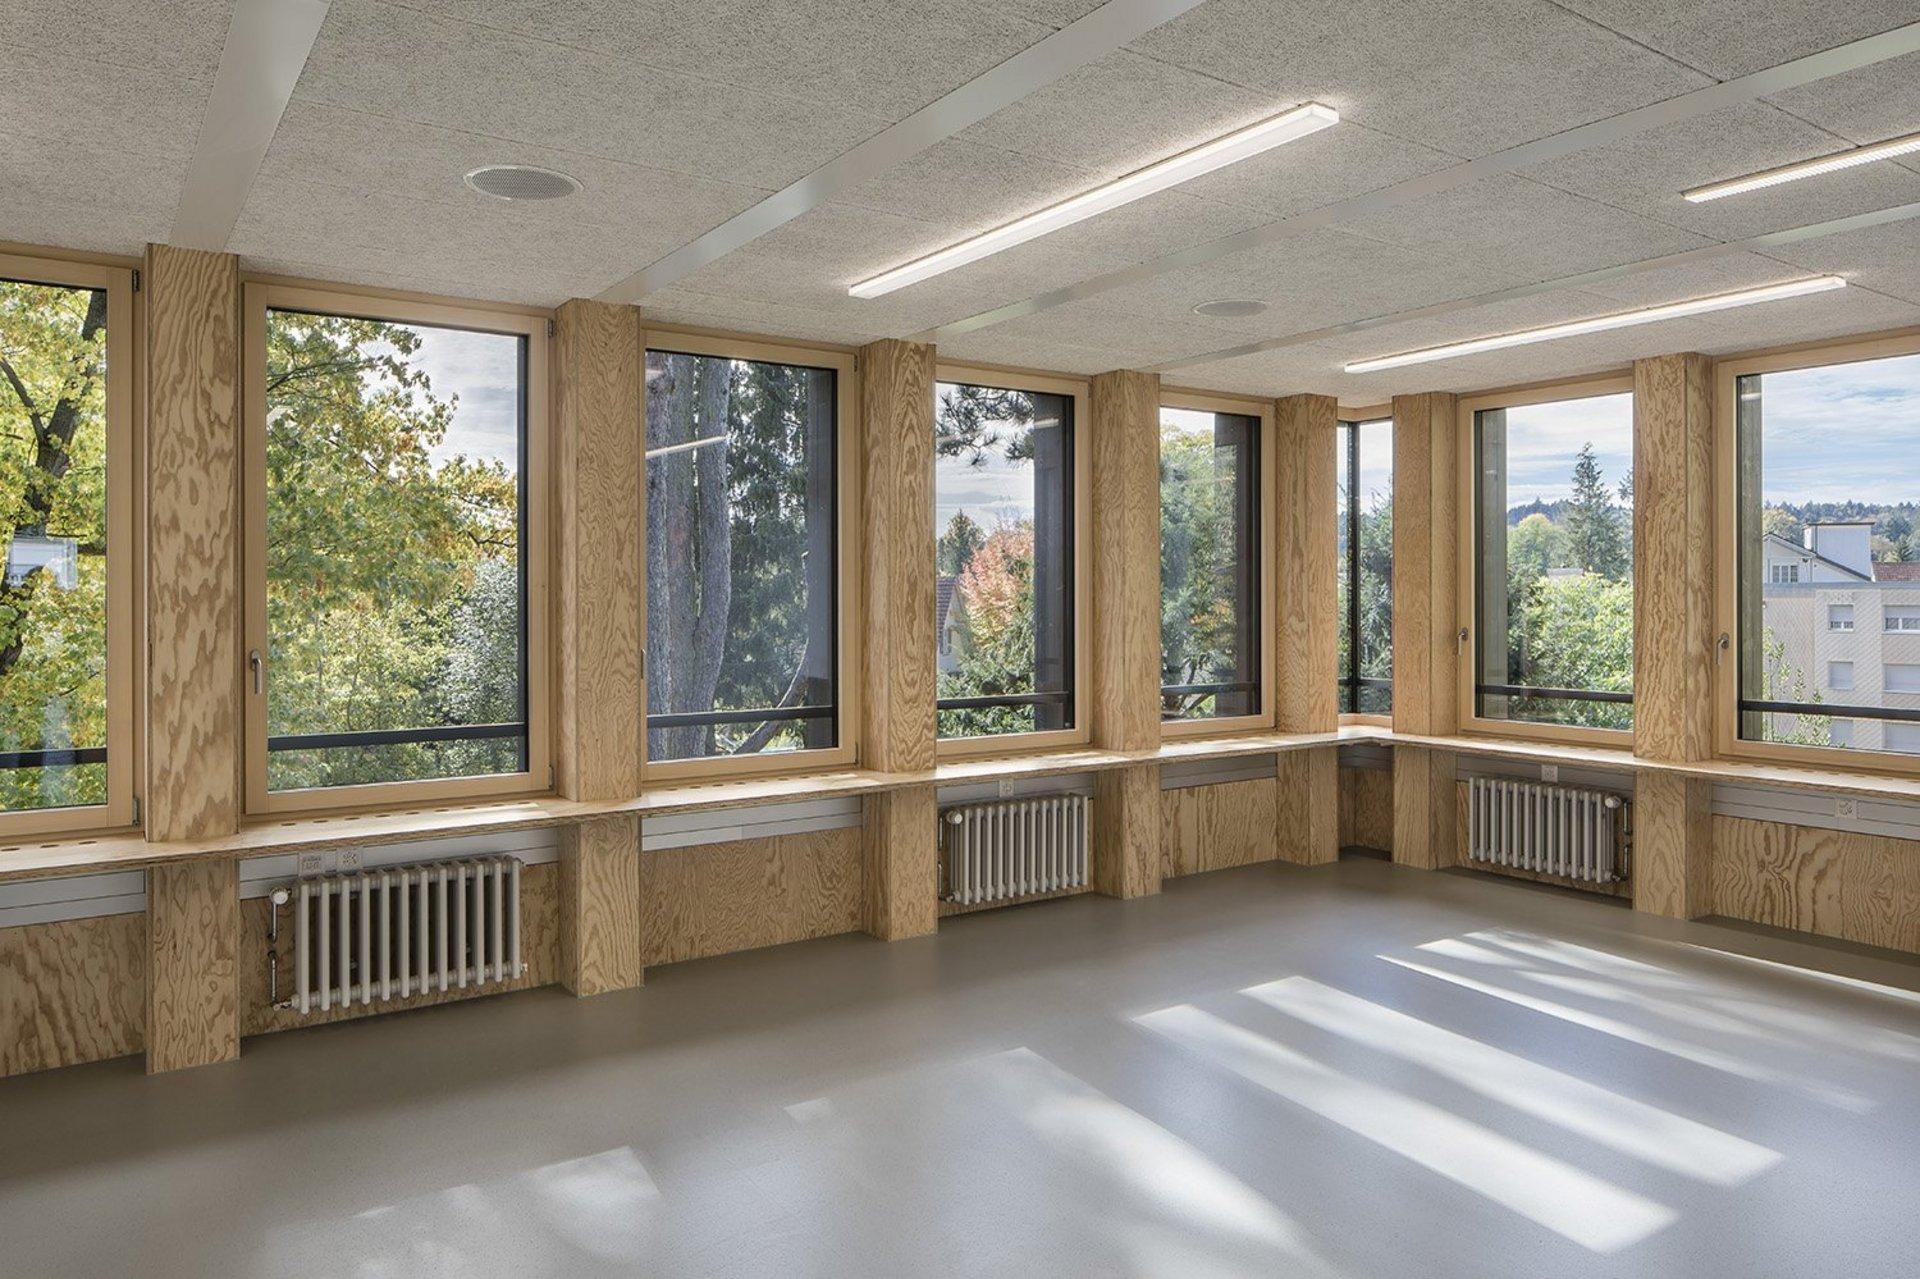 Aarau, Architektur, Dokumentation, Kantonsspital Aarau